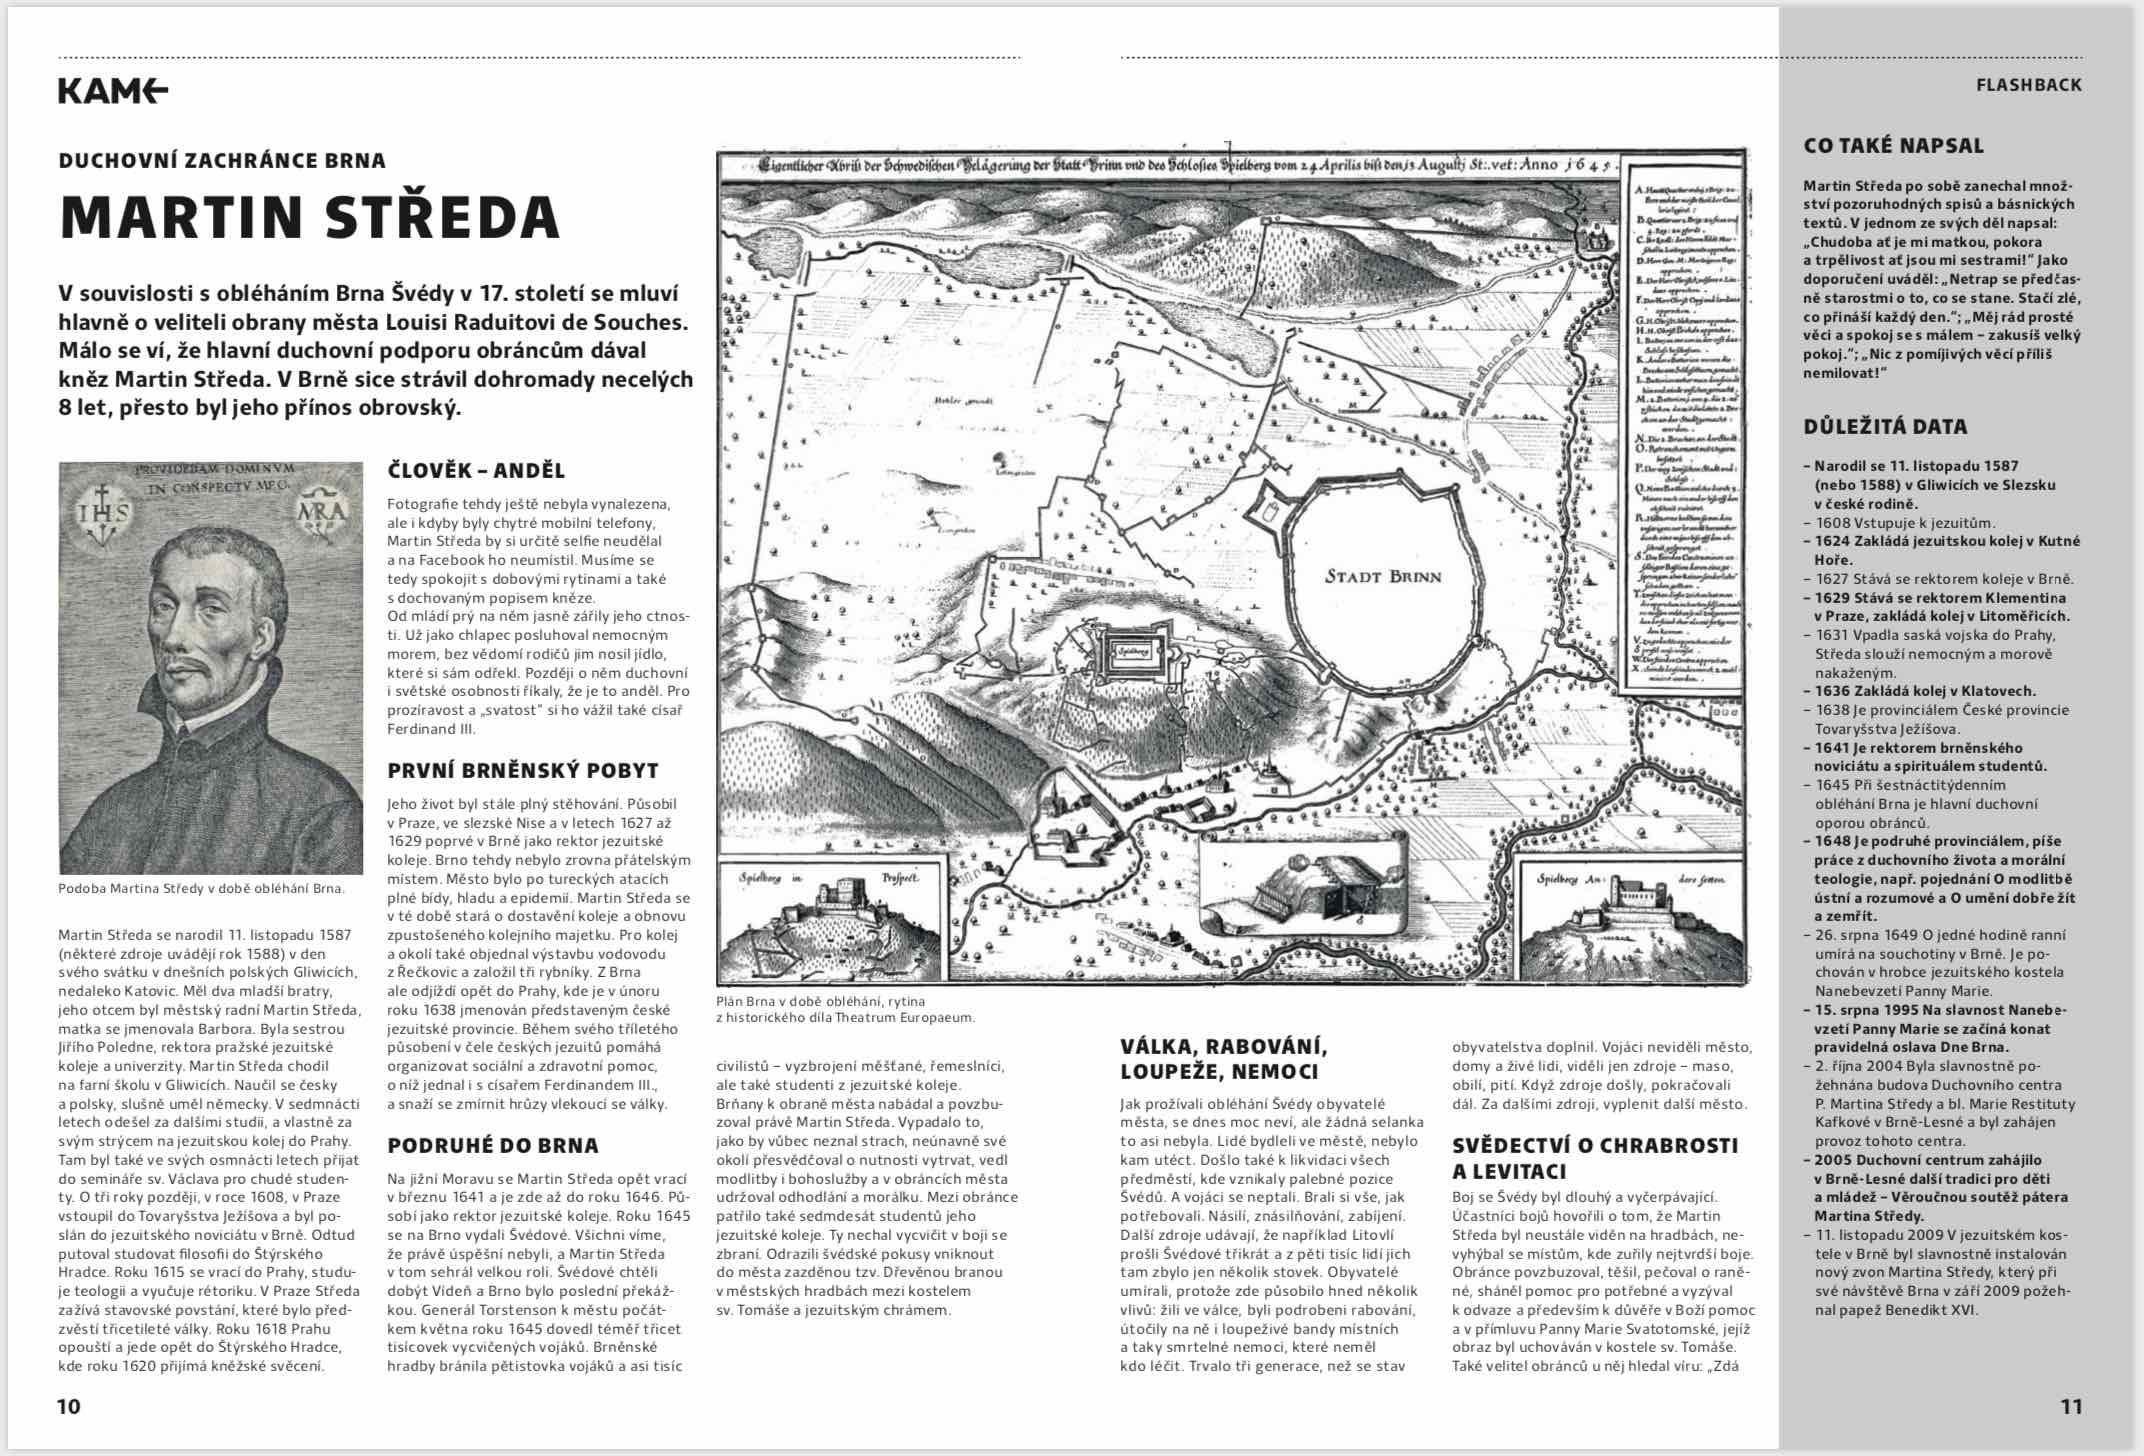 Článek o Martinu Středovi z časopisu Kam v Brně od autora Martina Ježka